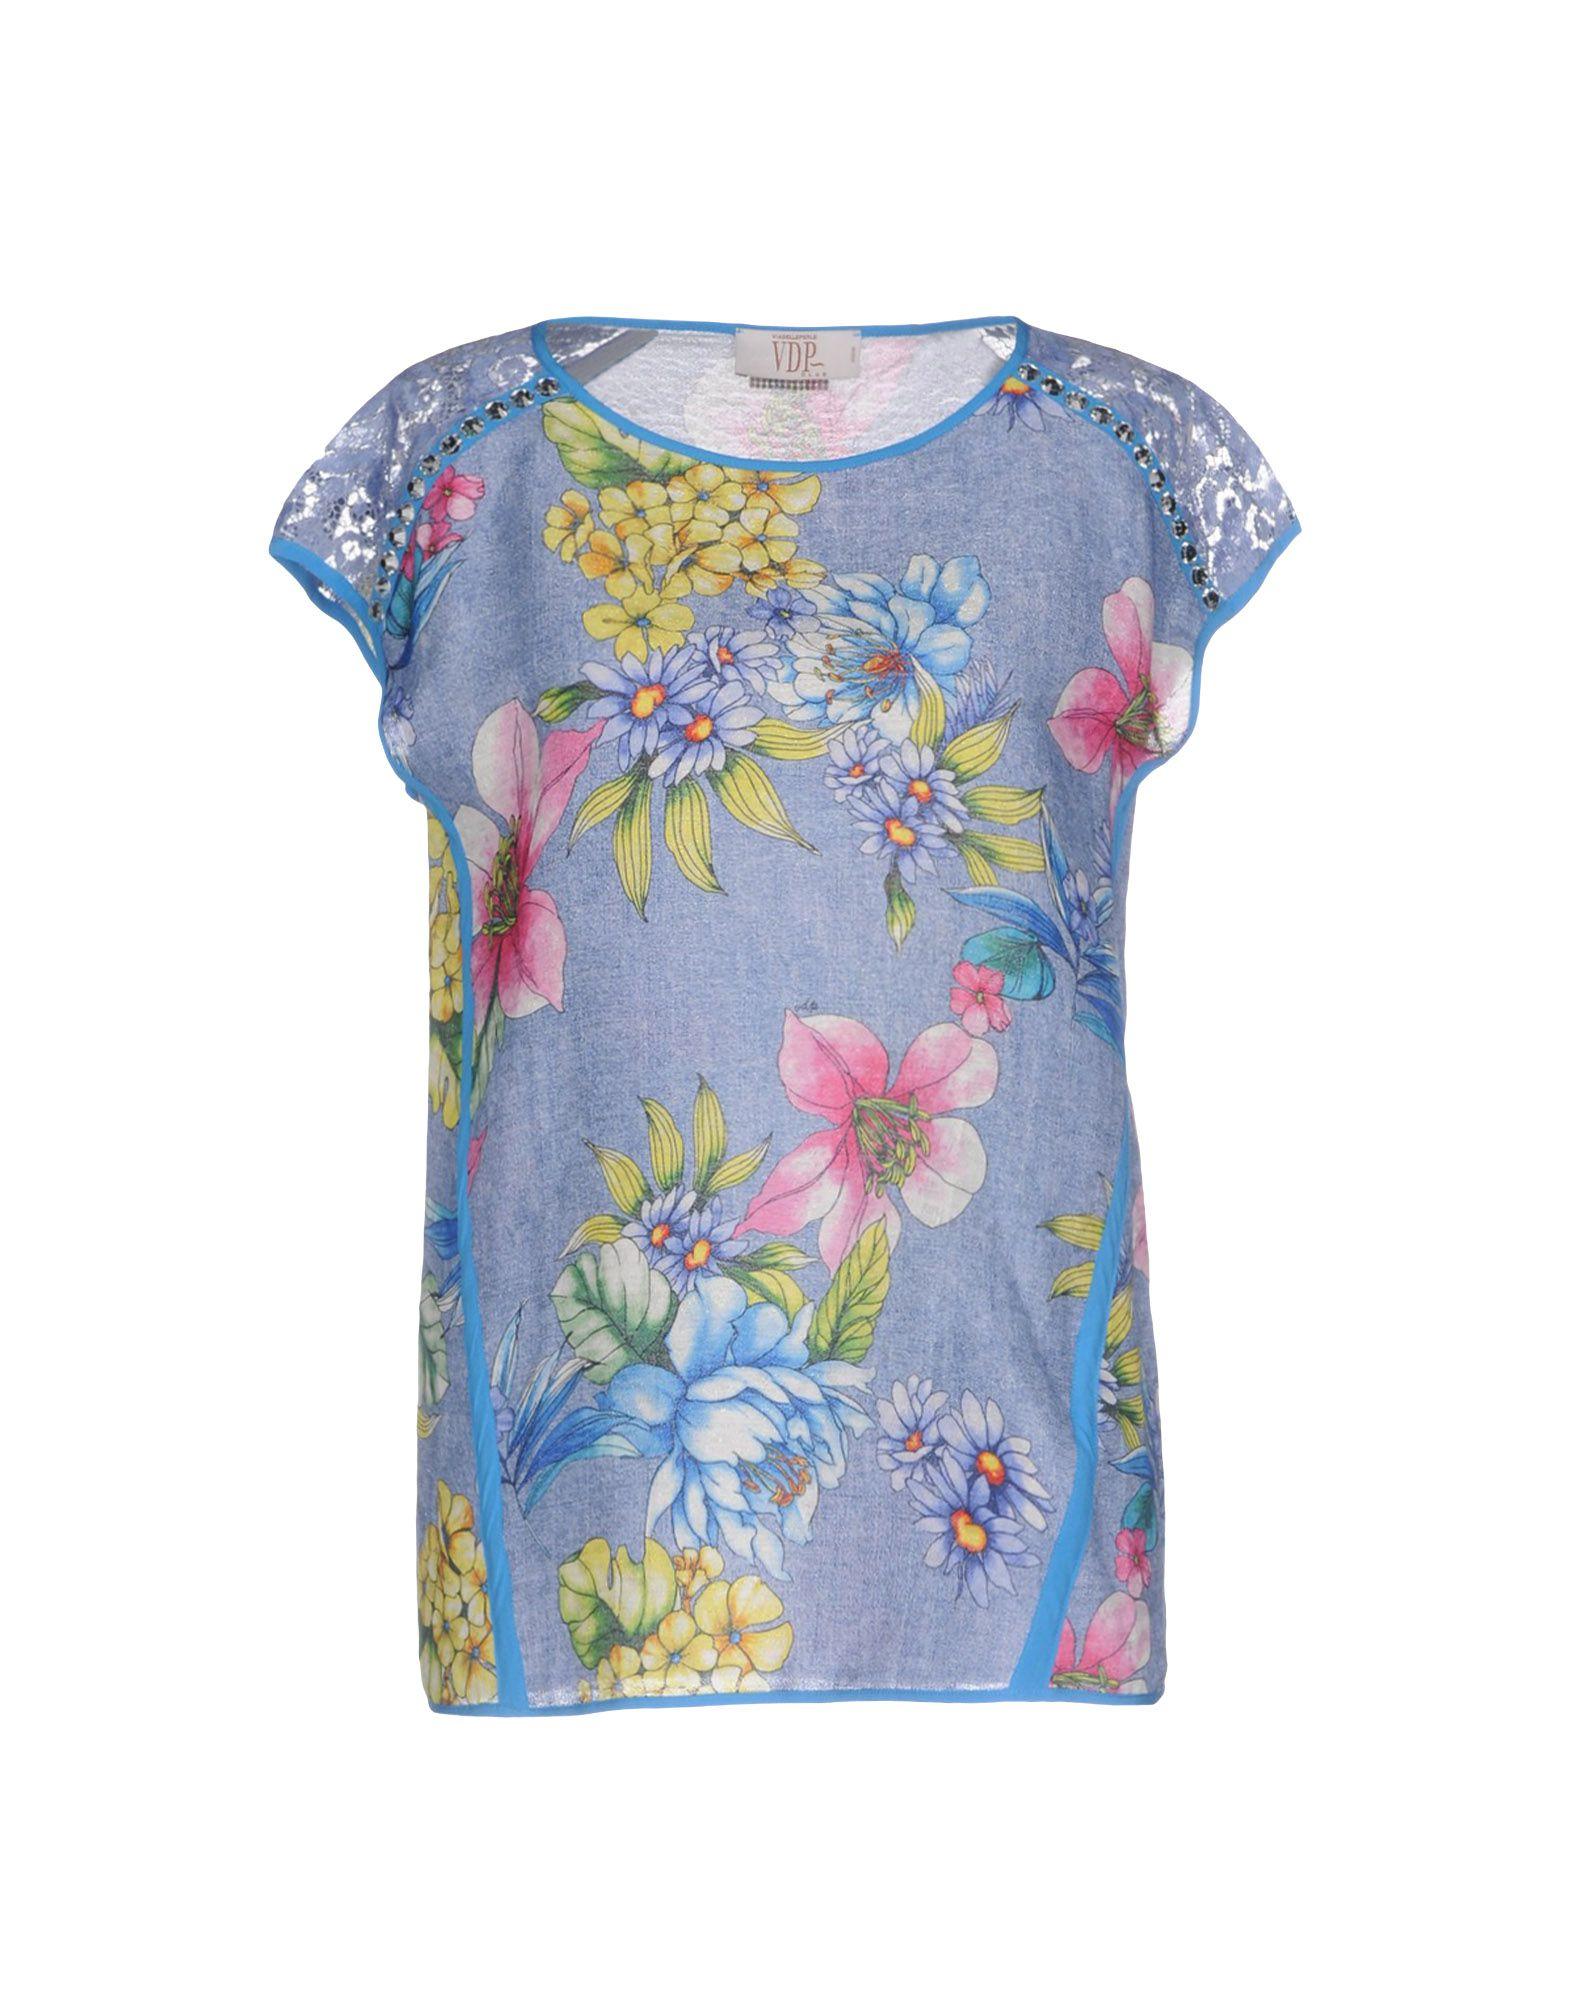 VDP CLUB Damen Bluse Farbe Azurblau Größe 4